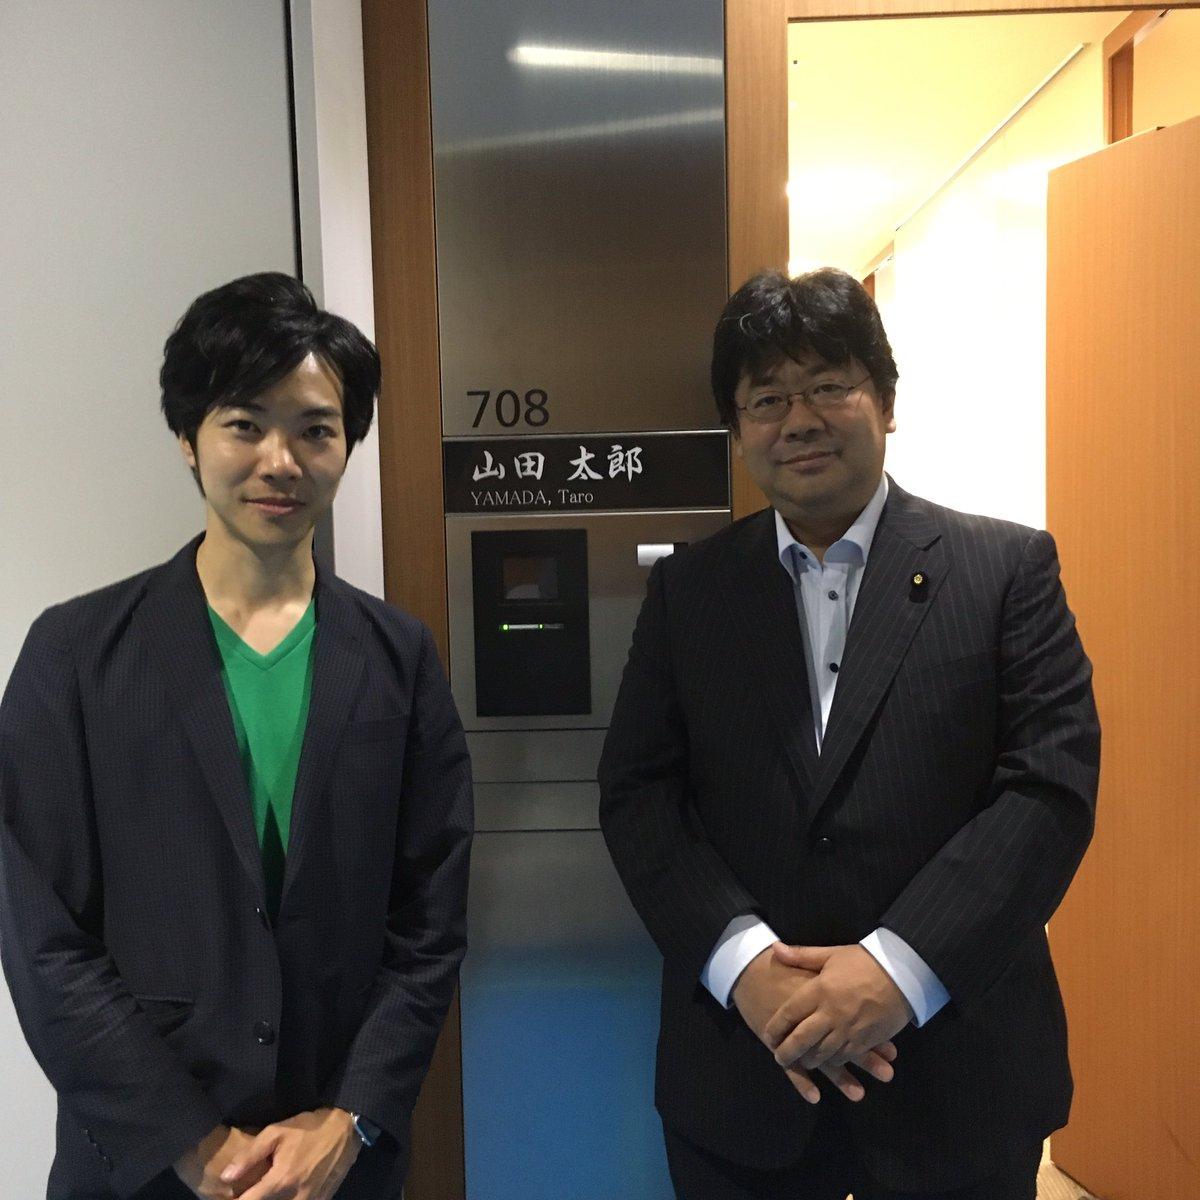 苦楽をともにした参議院議員の山田太郎さんが任期最終日ということで、参議院会館にご挨拶に参りました。バ…